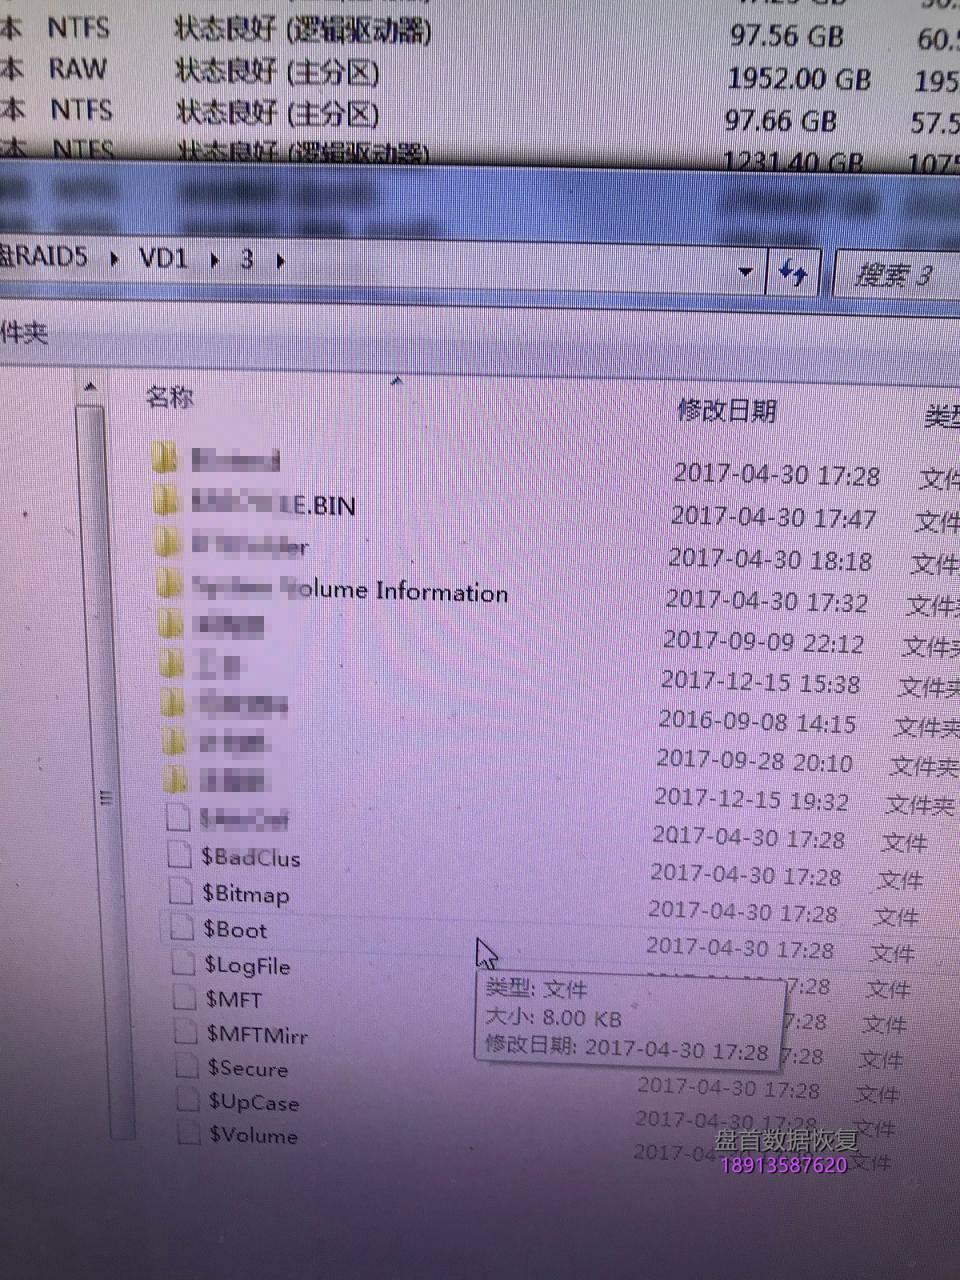 3盘块4tb硬盘组的raid5磁盘阵列出错崩溃后数据被错误同-18 3盘块4TB硬盘组的RAID5磁盘阵列出错崩溃后数据被错误同步数据恢复成功